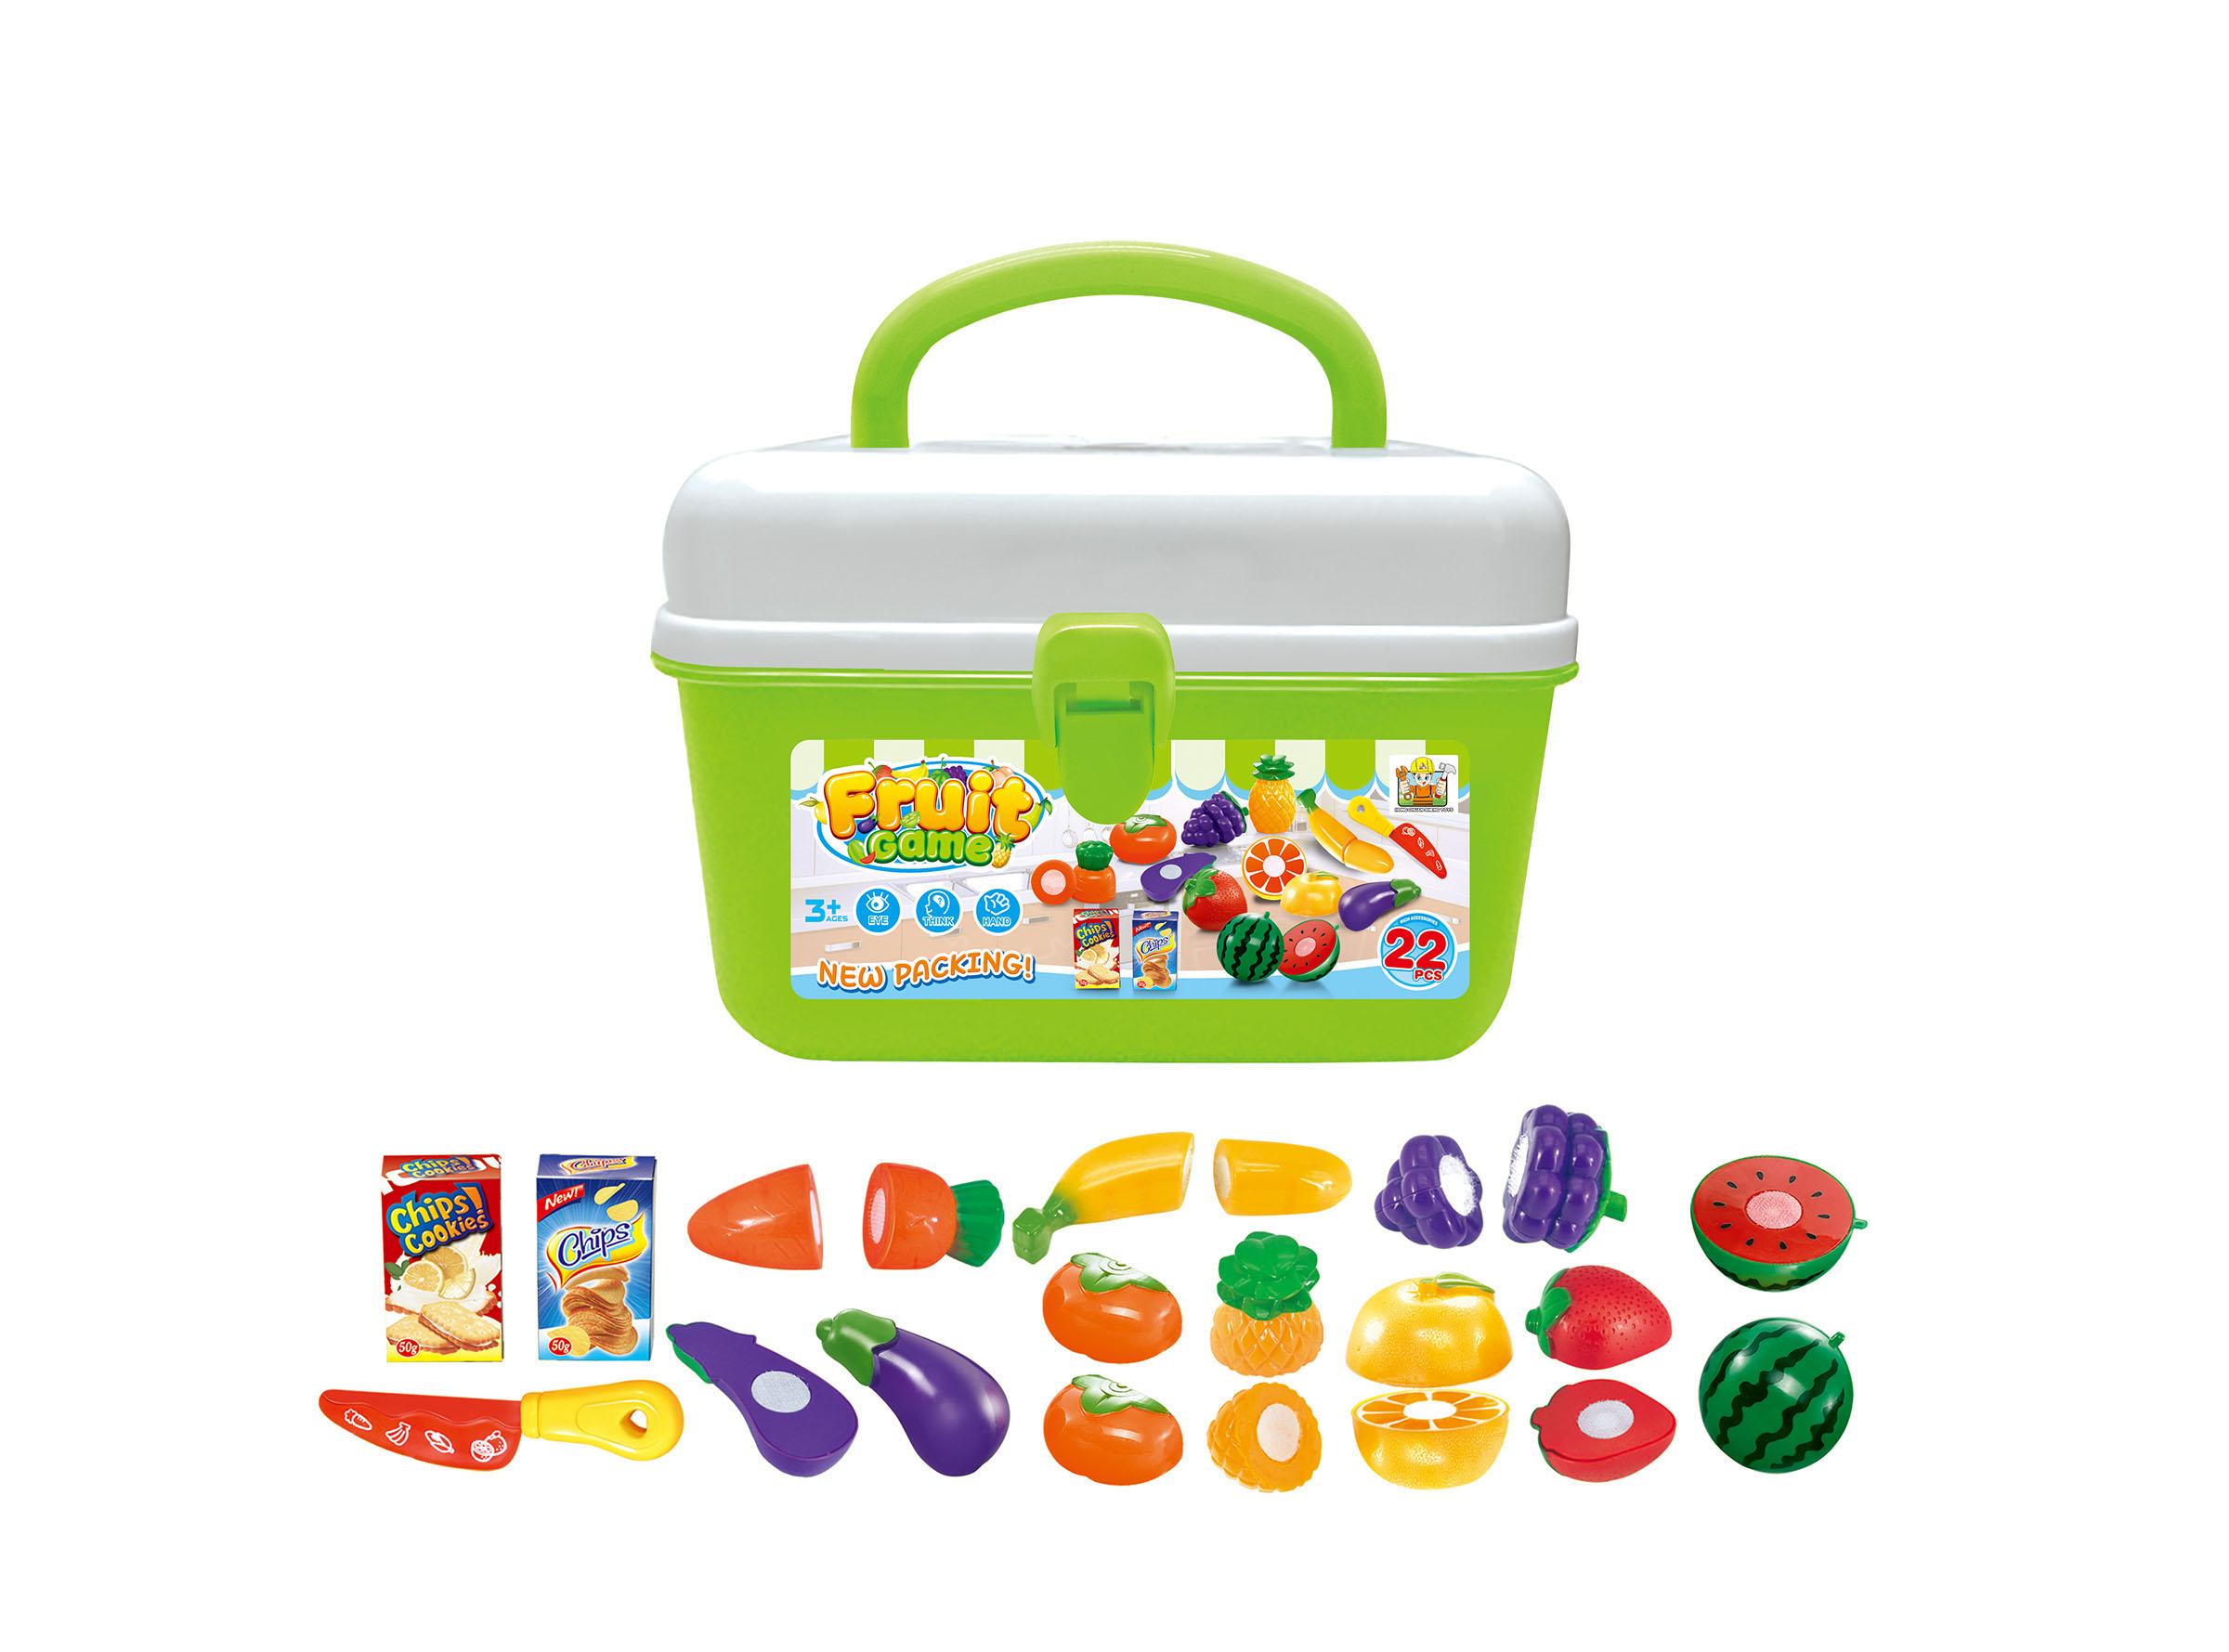 Hračka G21 Ovoce a zelenina v kufříku; HSP993198